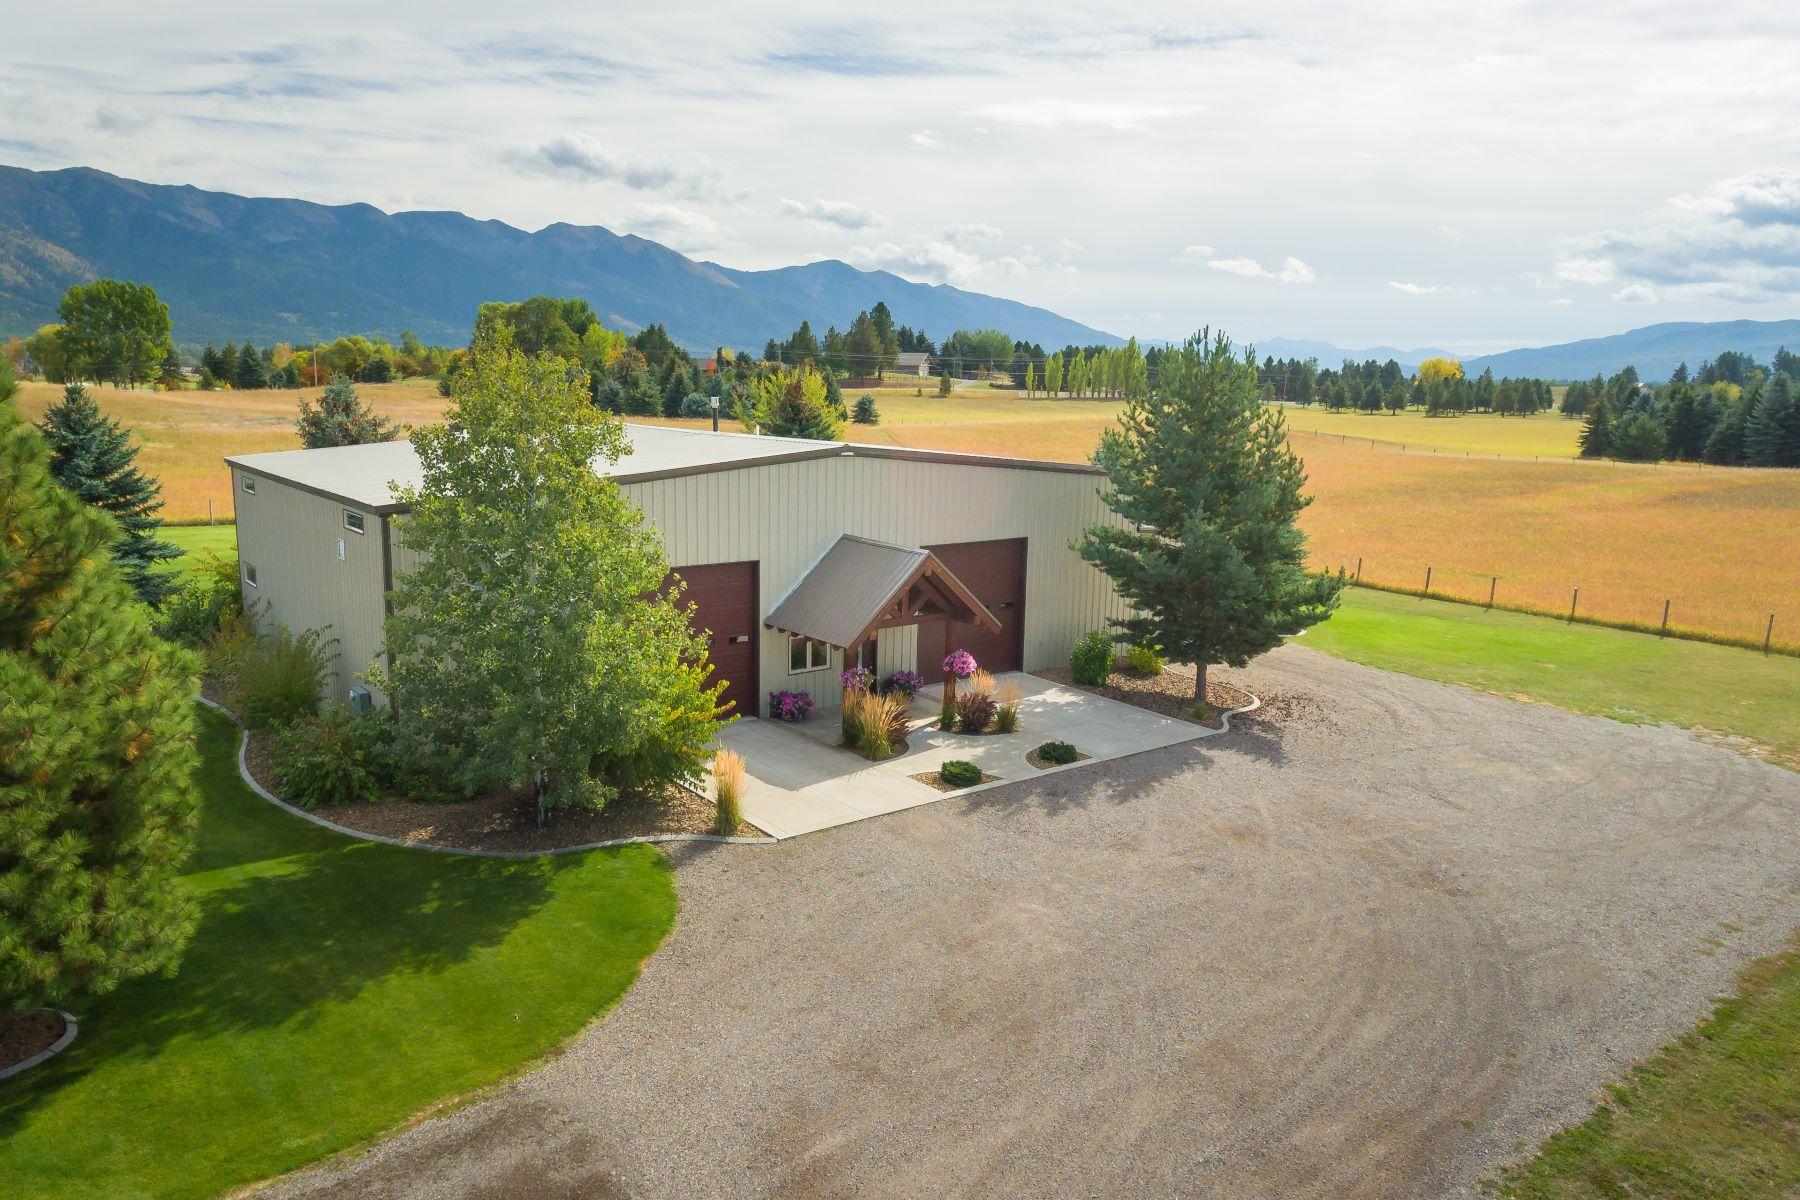 Casa Unifamiliar por un Venta en 150 Swan River Rd , Bigfork, MT 59911 150 Swan River Rd Bigfork, Montana, 59911 Estados Unidos